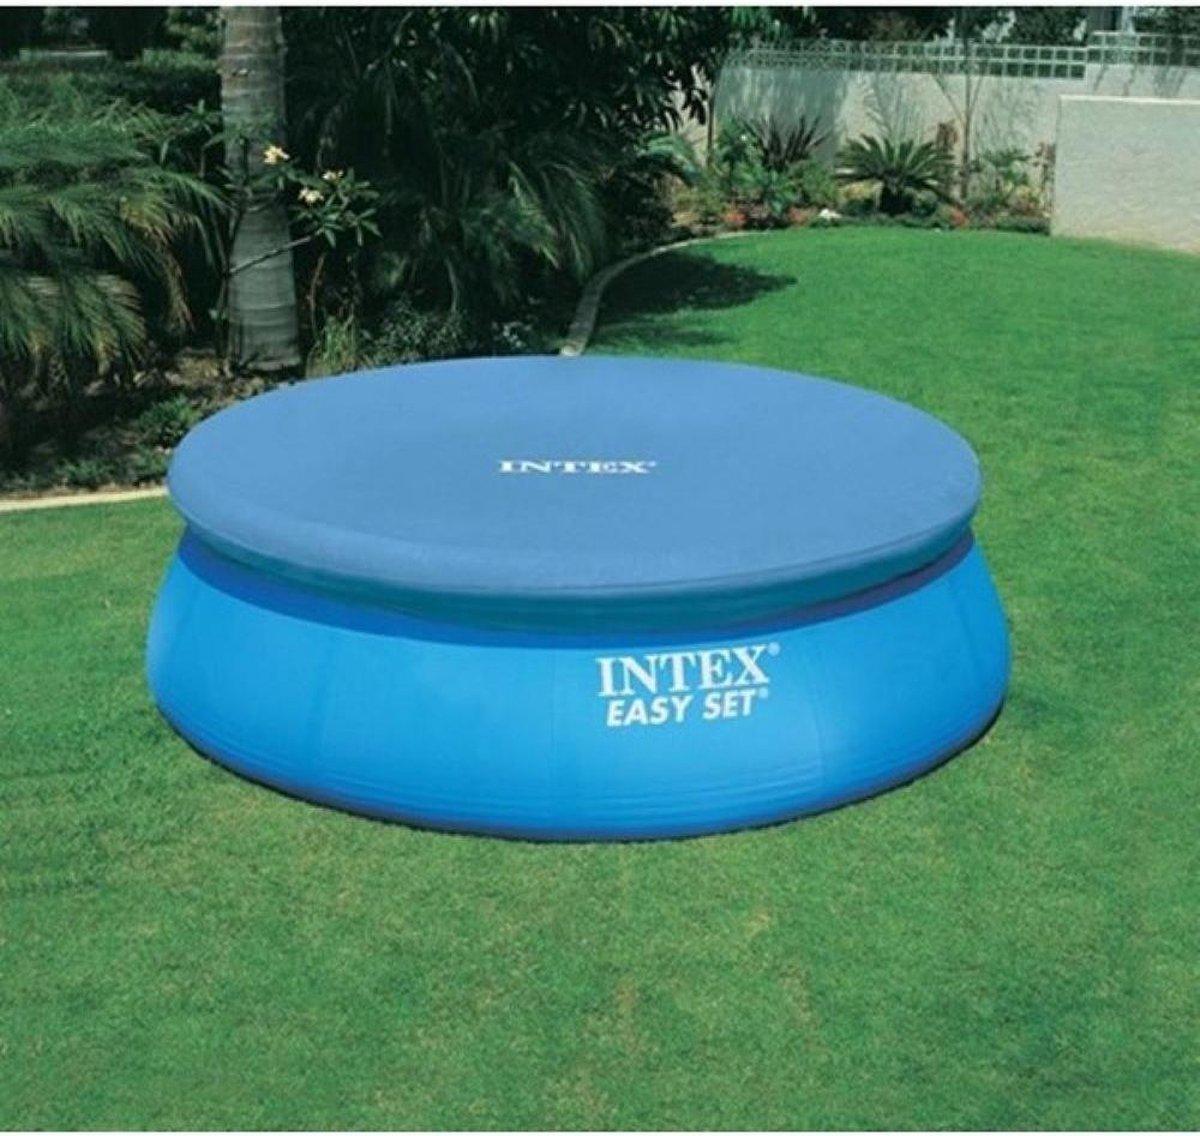 Intex Easy Set zwembad 305 - Alles in 1 - Inclusief filterpomp + Afdekzeil + Solar cover + Waterbehandelingsset!